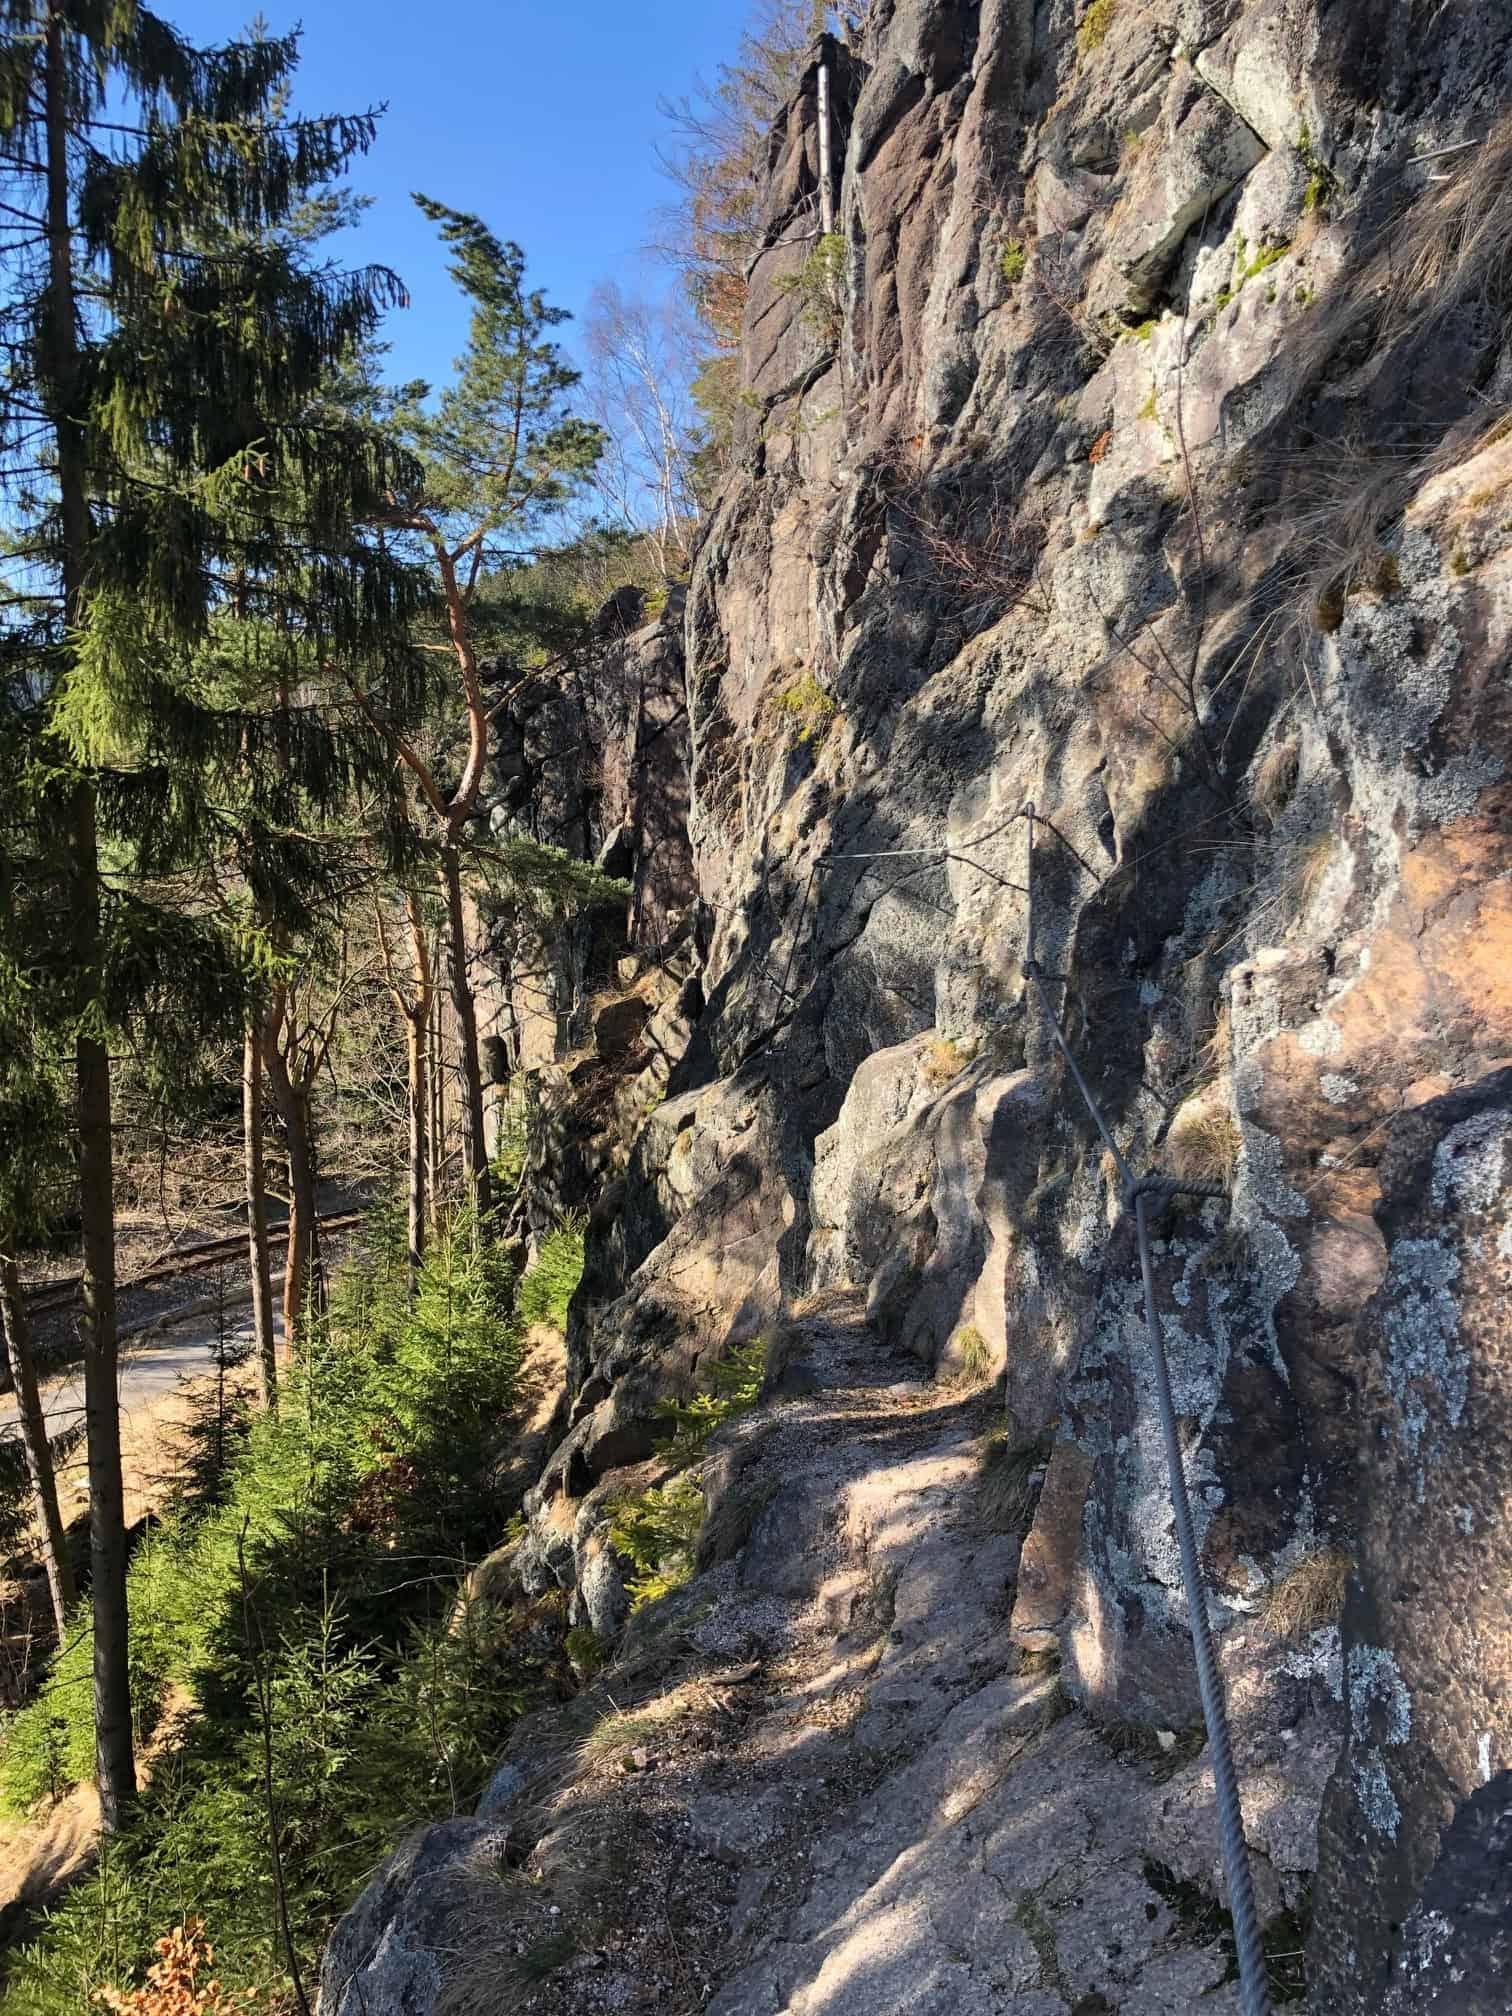 Klettersteige im Erzgebirge